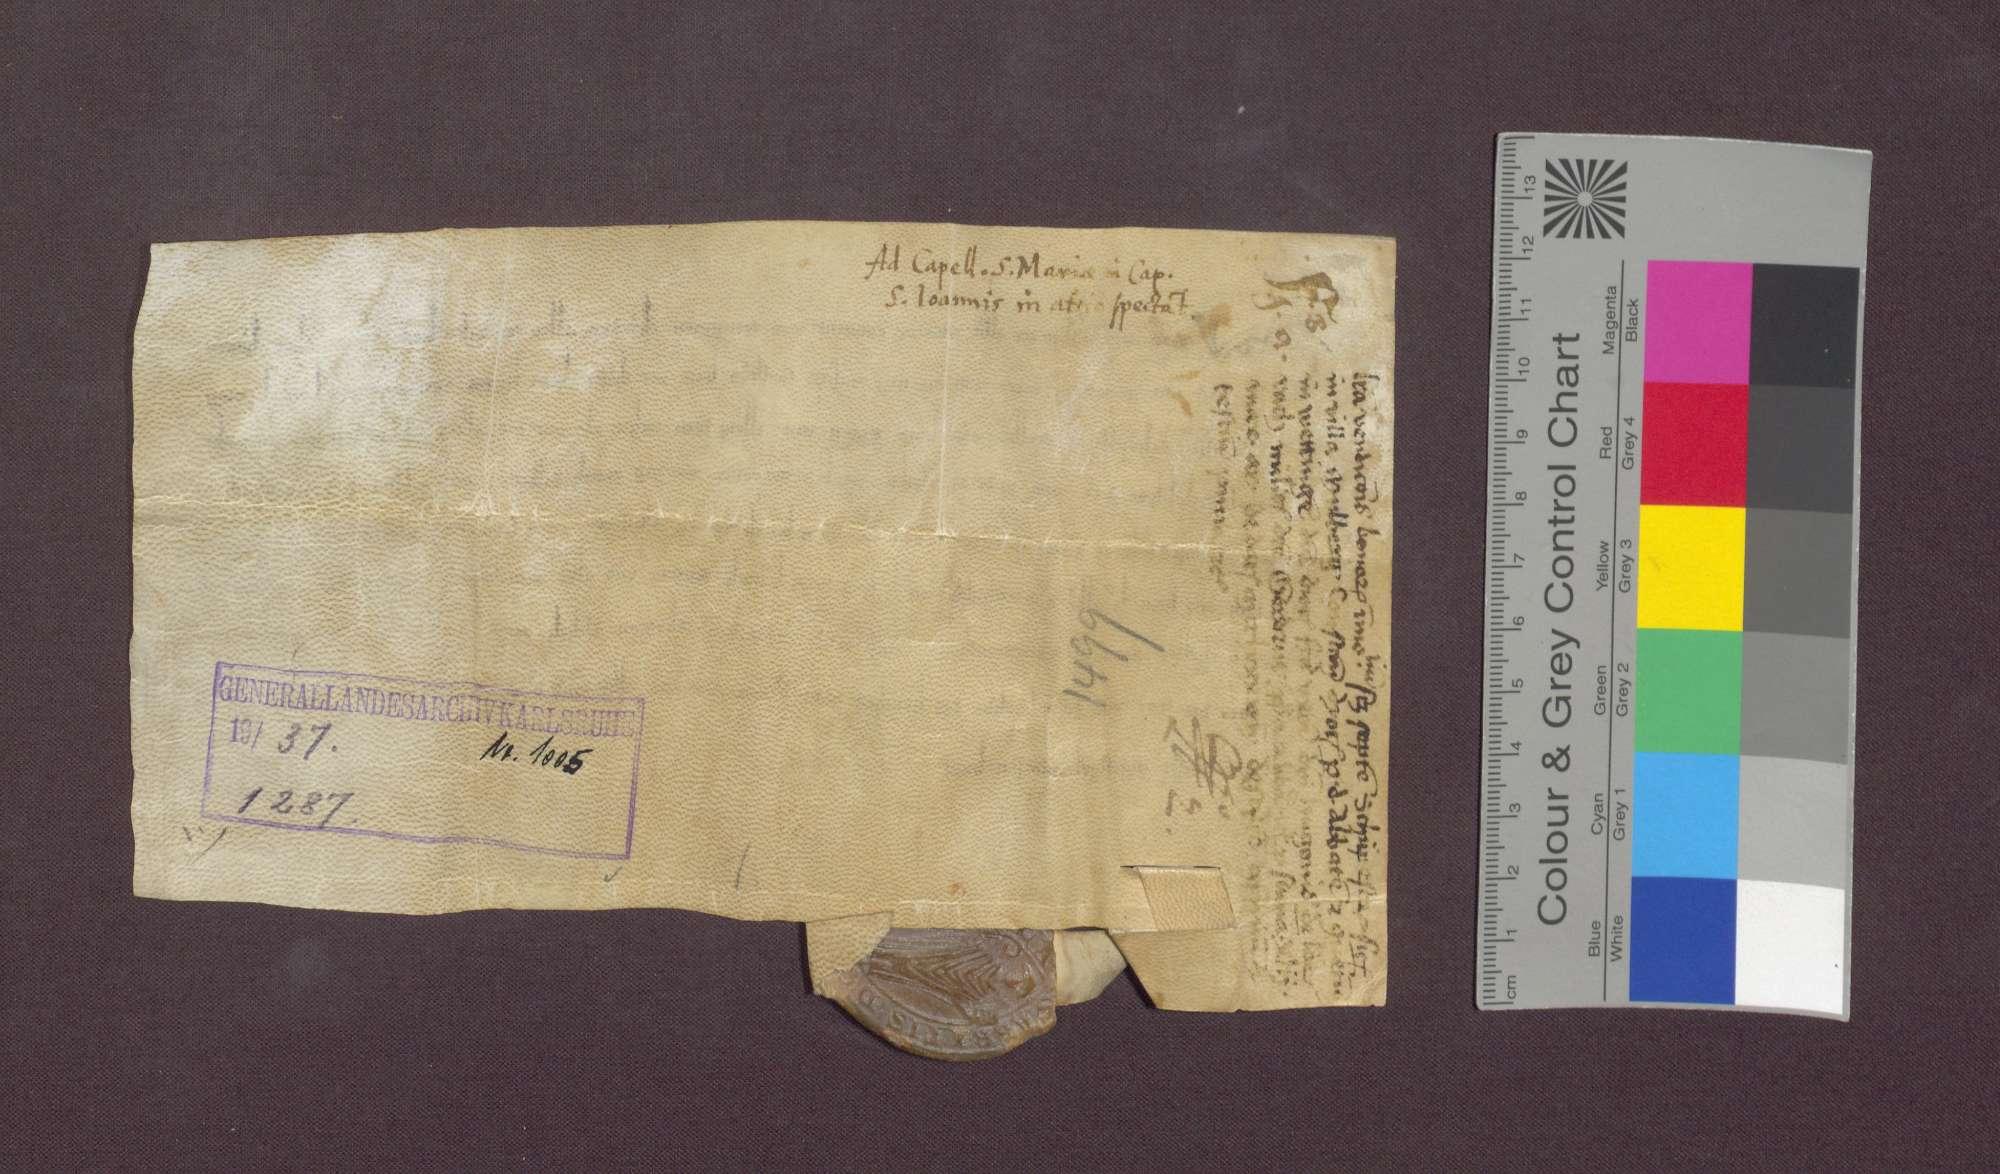 Das Kloster Wettingen verkauft 7 Schupposen in Maulburg an Gertrud, Ehefrau des Hug Vrowin von Lörrach., Bild 3